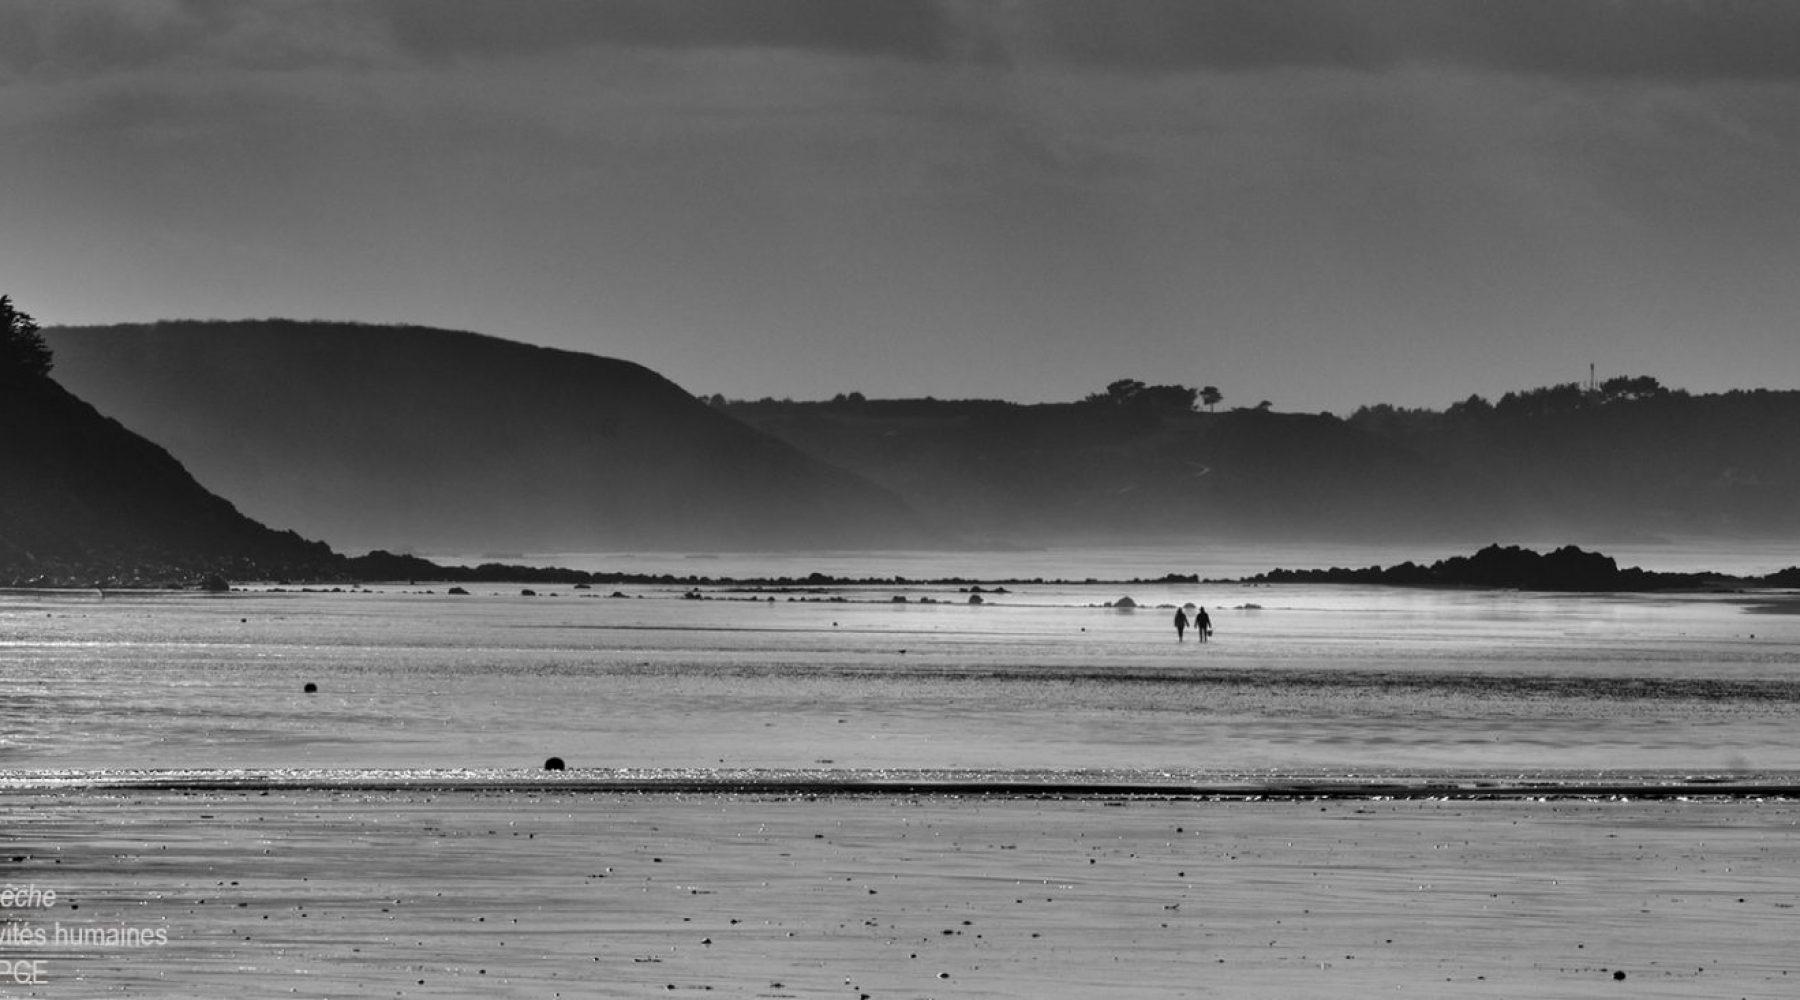 Retour de pêche – ©Jean-Pierre Dumont